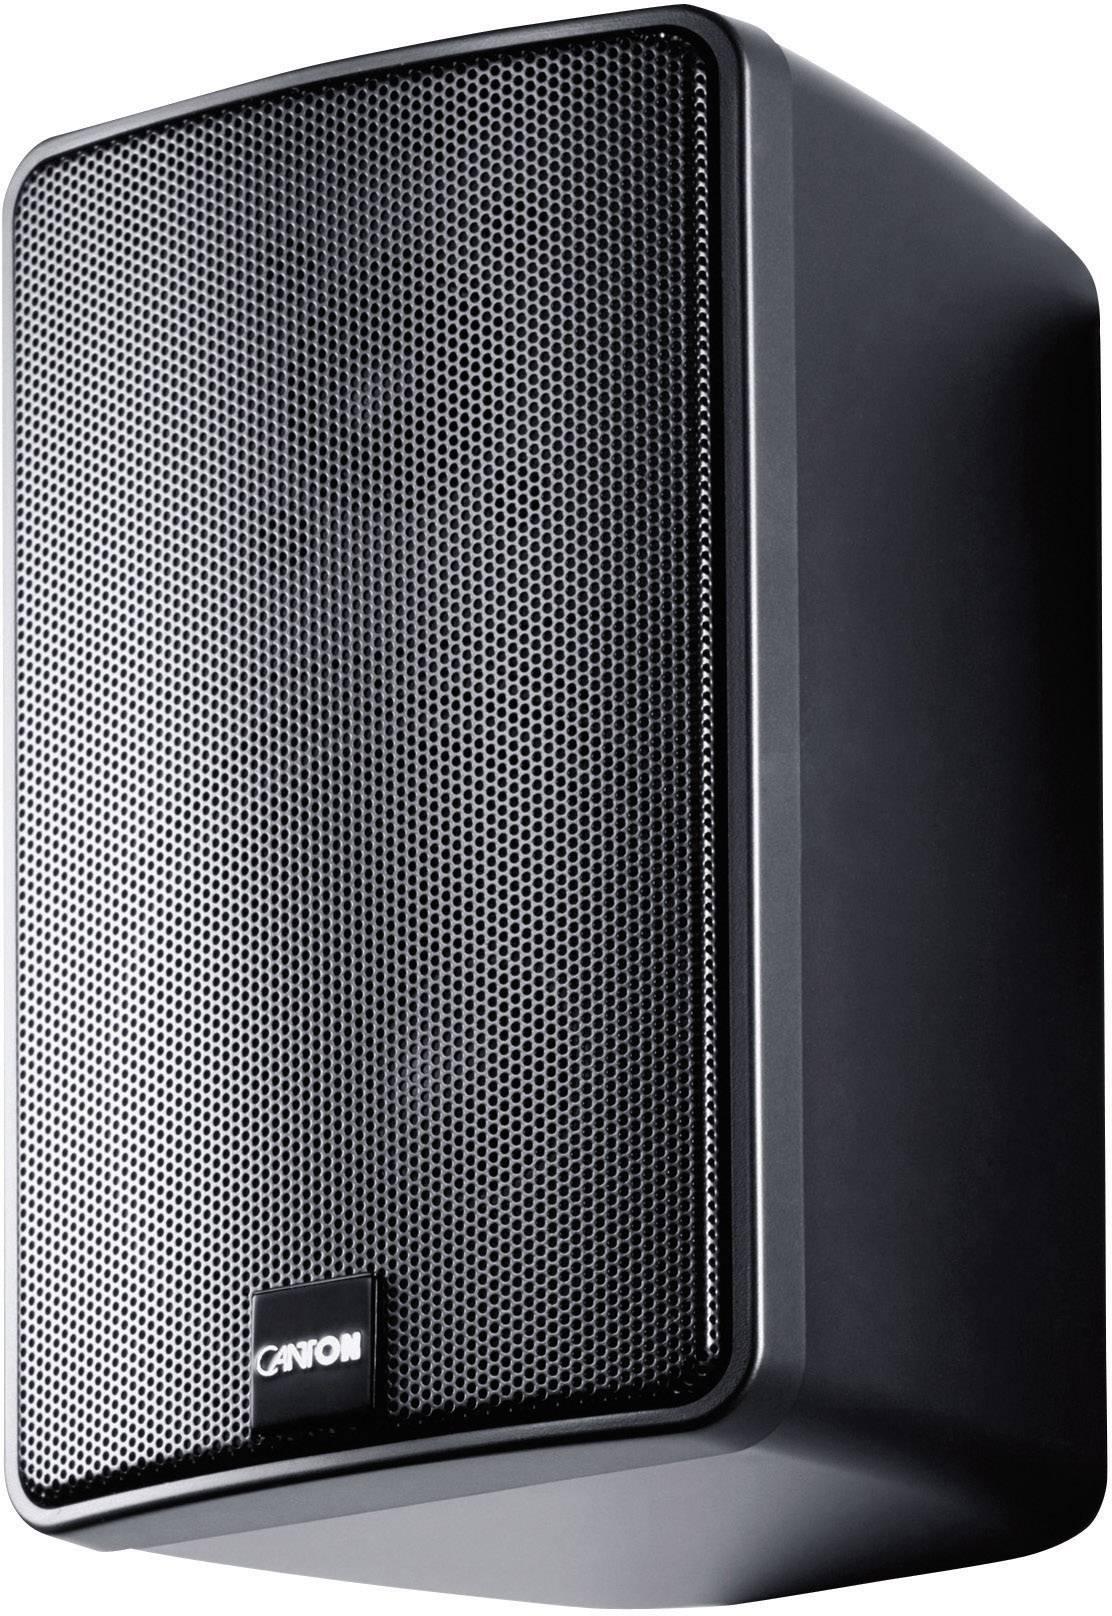 Regálový reproduktor Canton Plus GX.3, 45 do 26000 Hz, 100 W, 1 pár, čierna